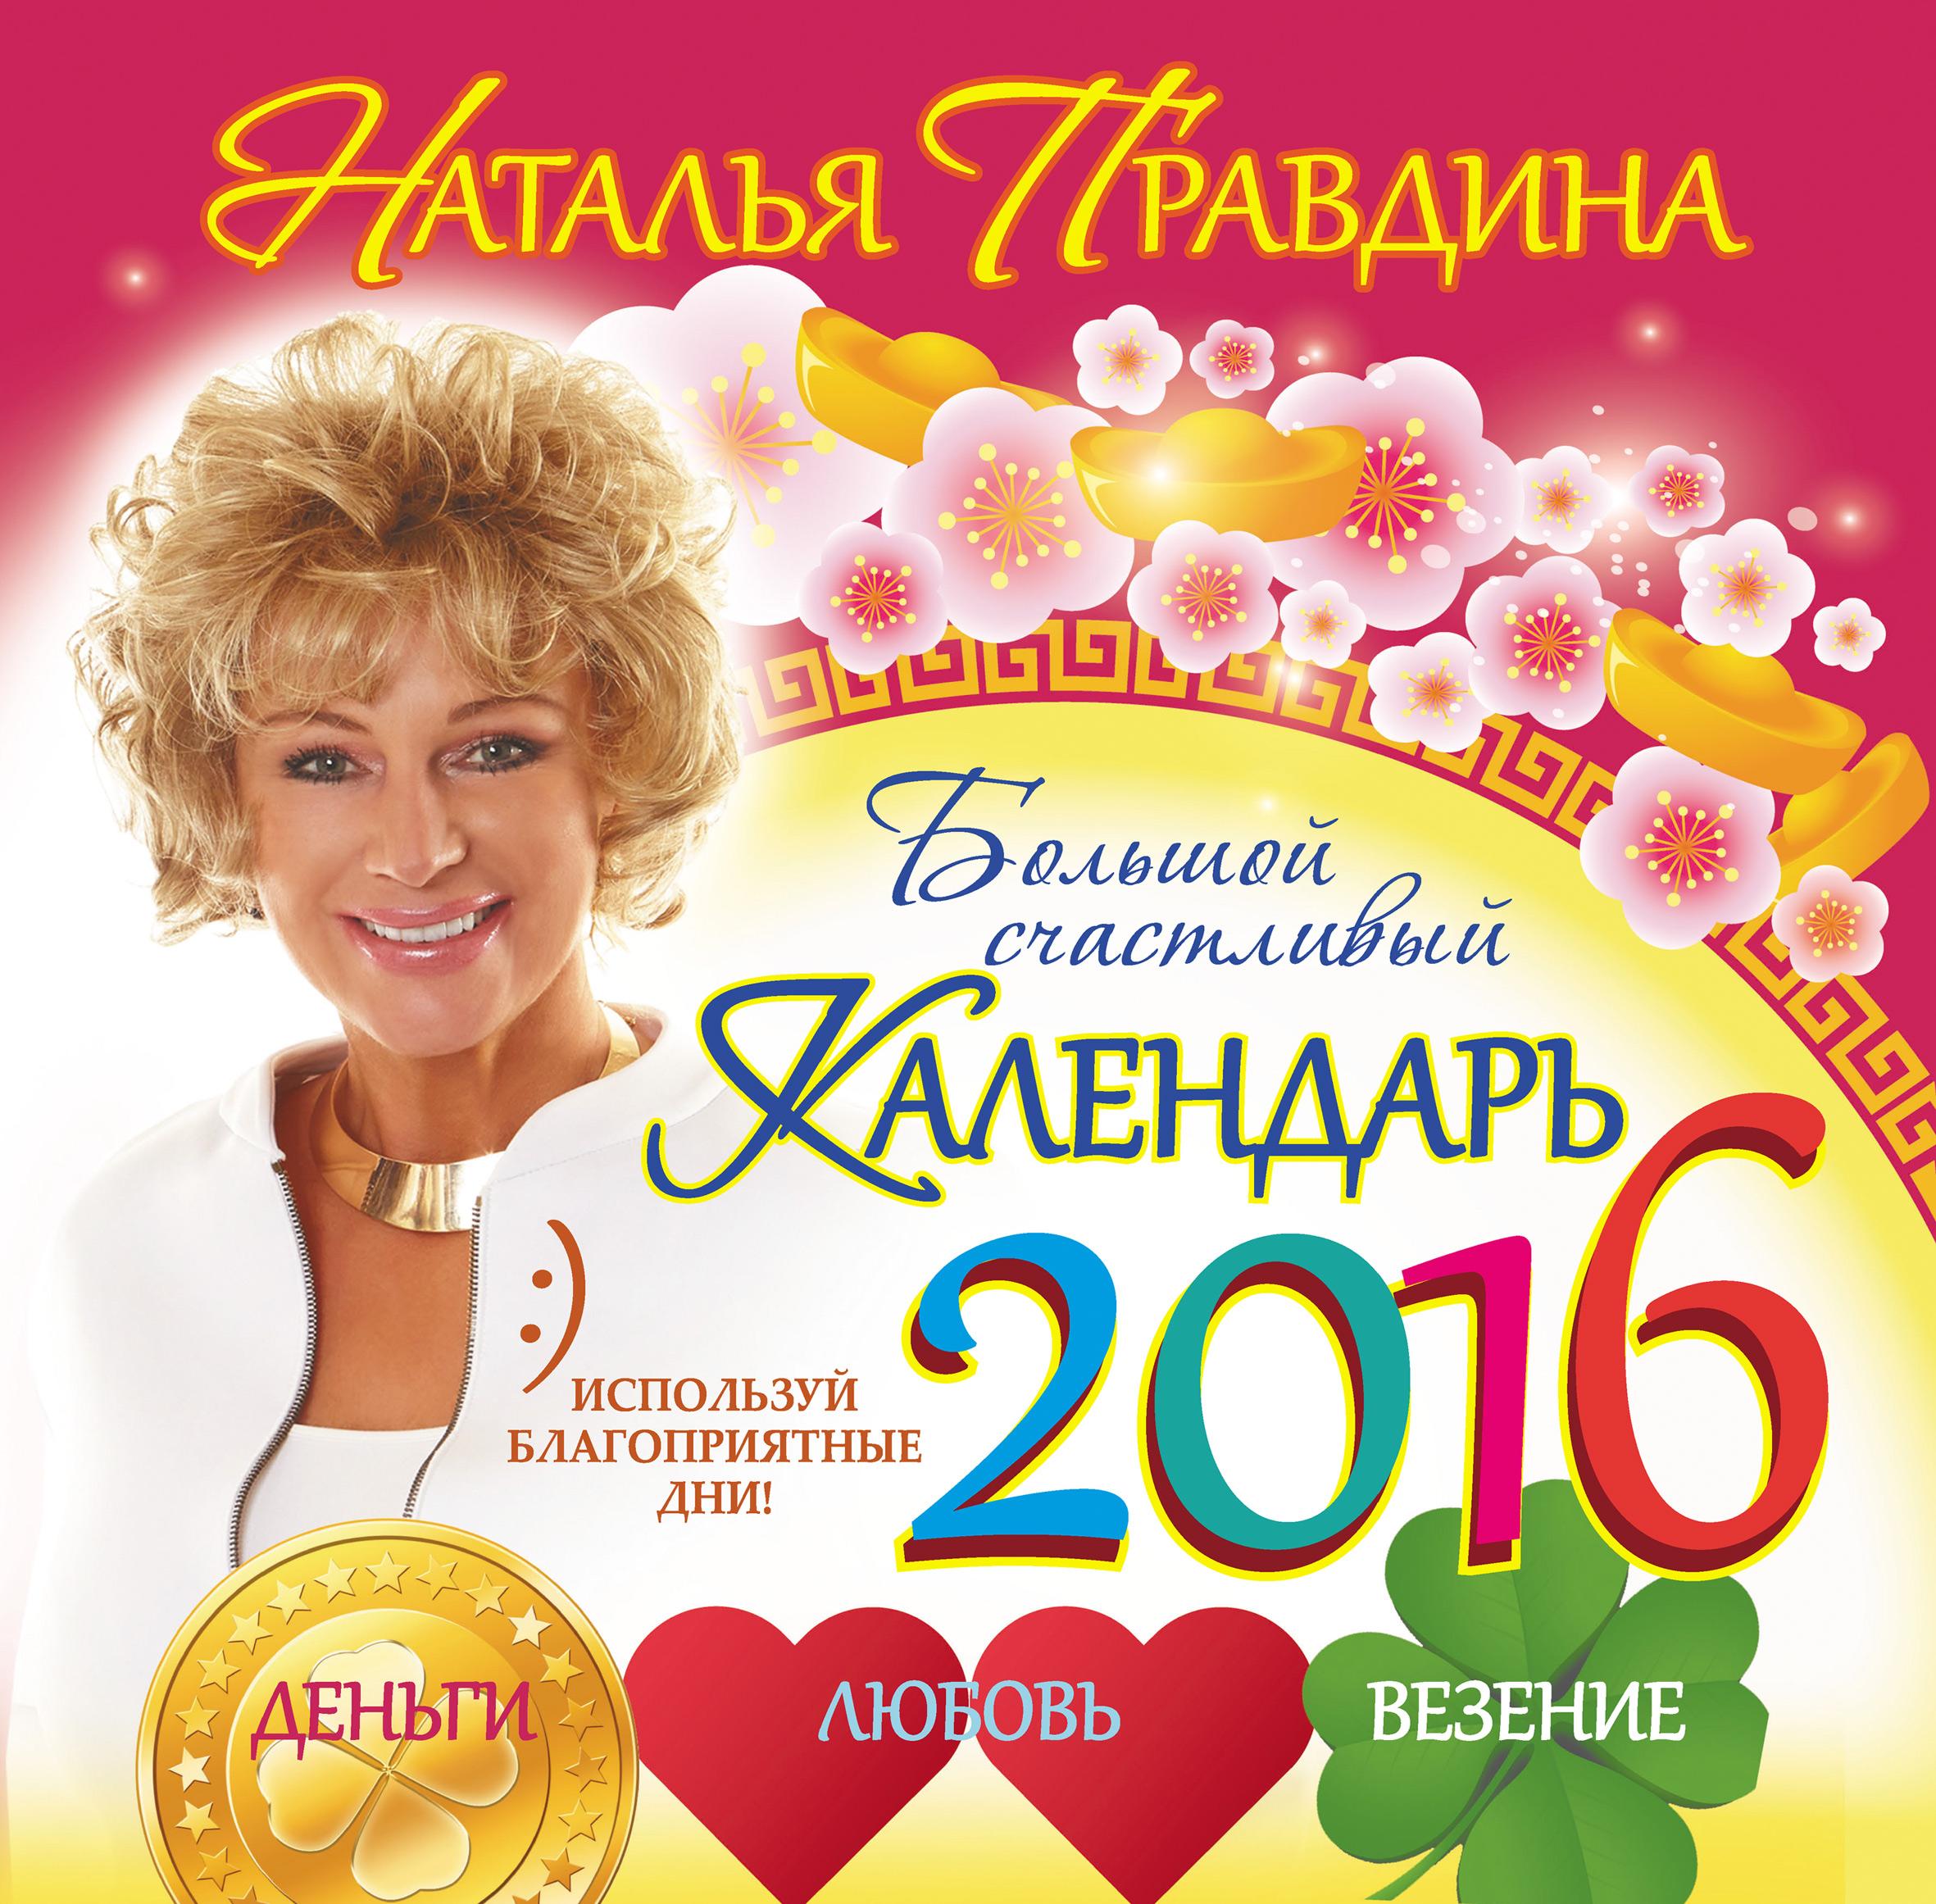 Наталия Правдина Большой счастливый календарь 2016. Деньги. Любовь. Везение нина виноградова лунный календарь богатства и успеха на 2016 год